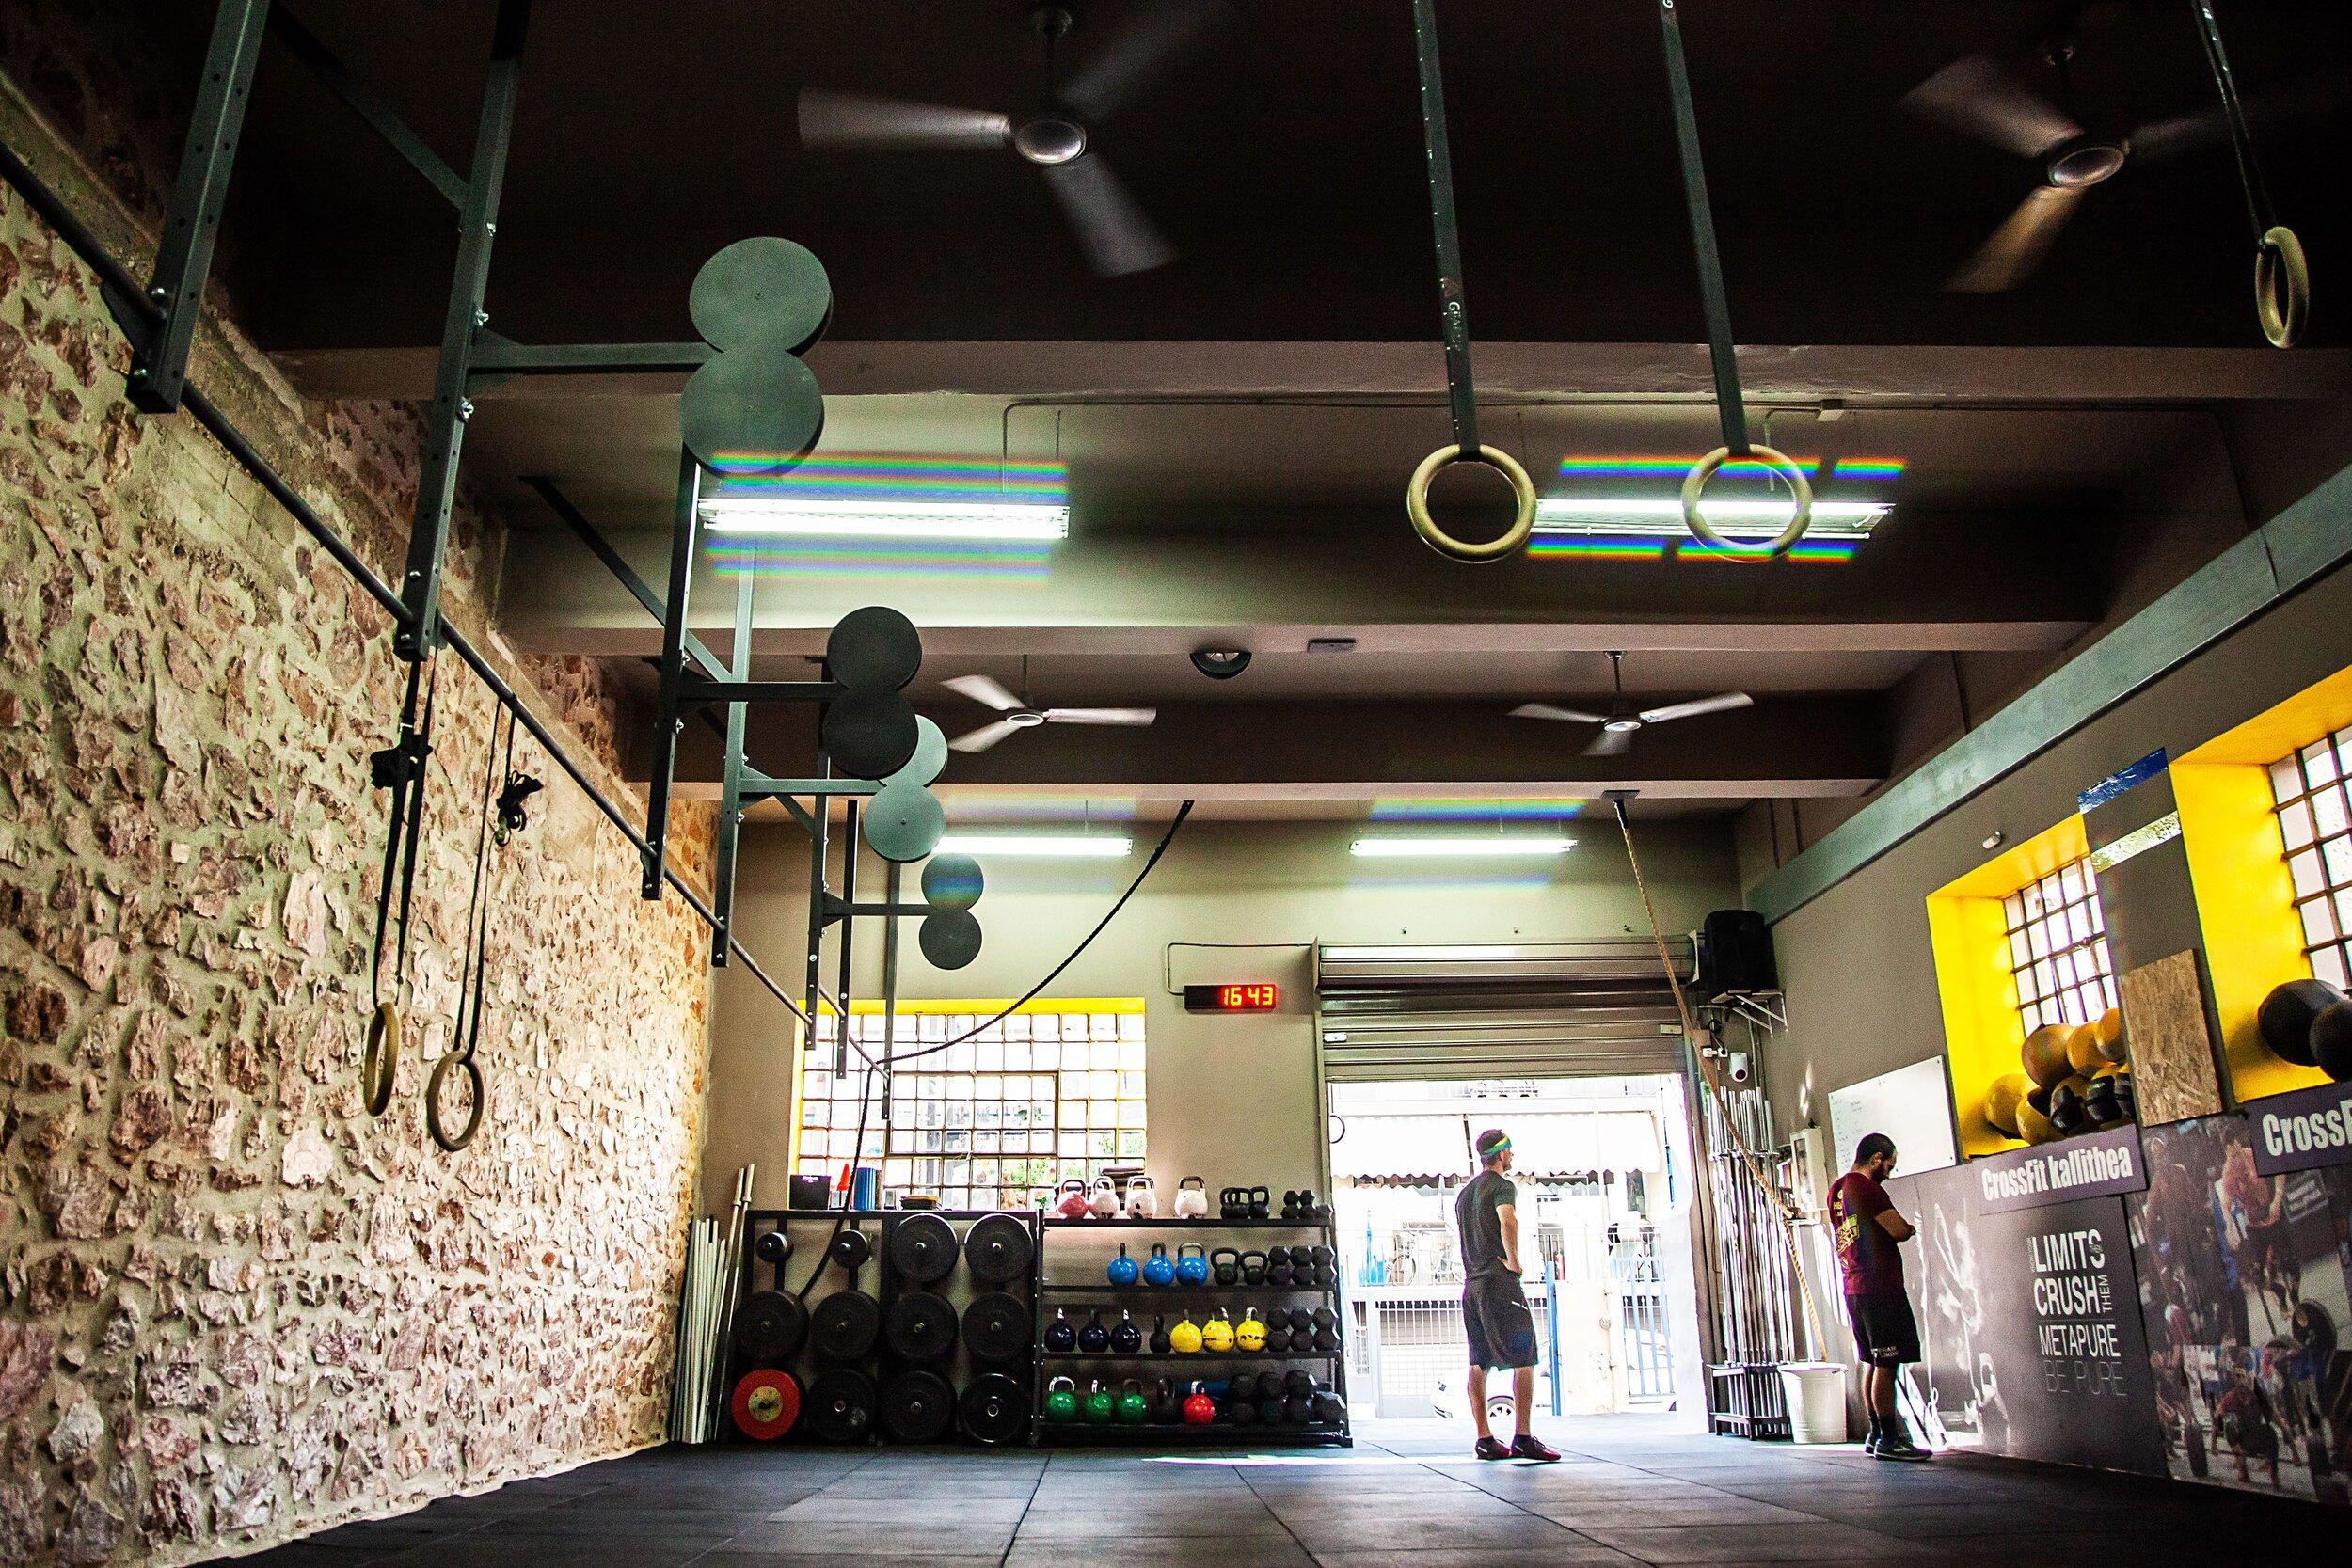 CrossFit Kallithea. Photo by: Sasha Preziosa in Athens, Greece 2018